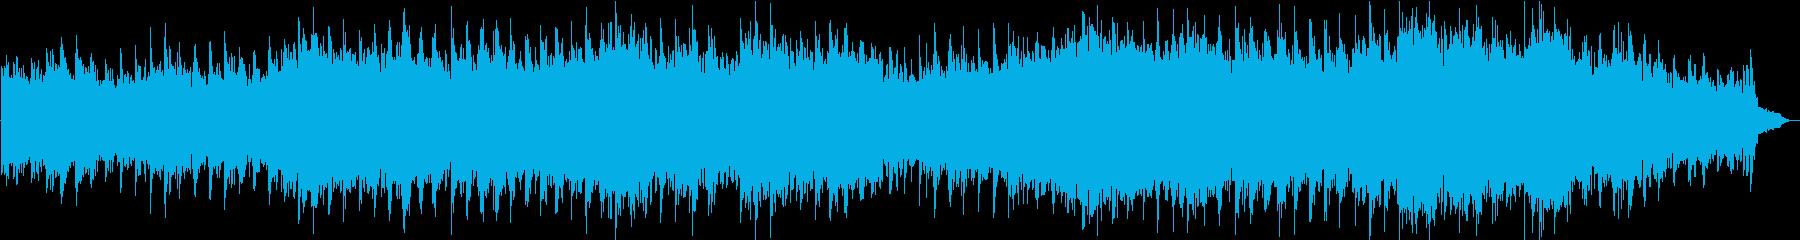 シューベルトのアヴェ・マリアの癒しBGMの再生済みの波形